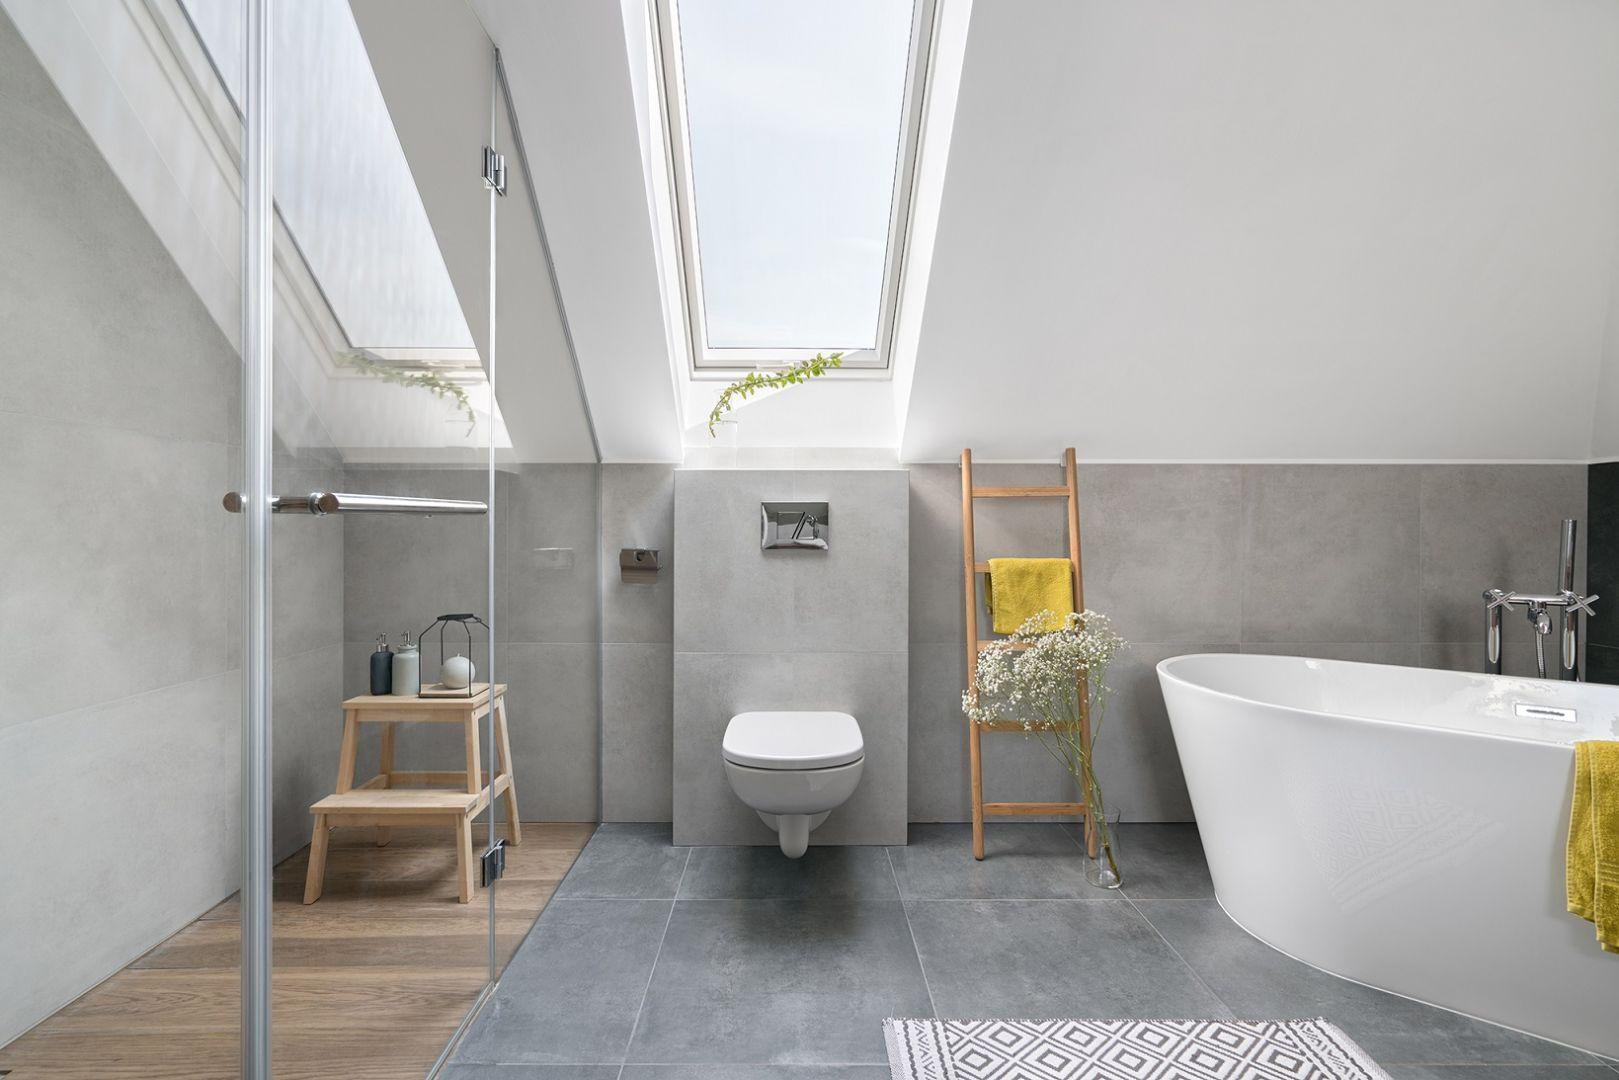 """W przypadku pomieszczeń """"wilgotnych"""", jak np. łazienka, dobrze sprawdzi się stolarka okienna z bardzo trwałą powłoką o podwyższonej odporności na działanie wilgoci czy też okna aluminiowo-tworzywowe. Na zdjęciu: okno dachowe PTP-V.  Fot. Fakro"""